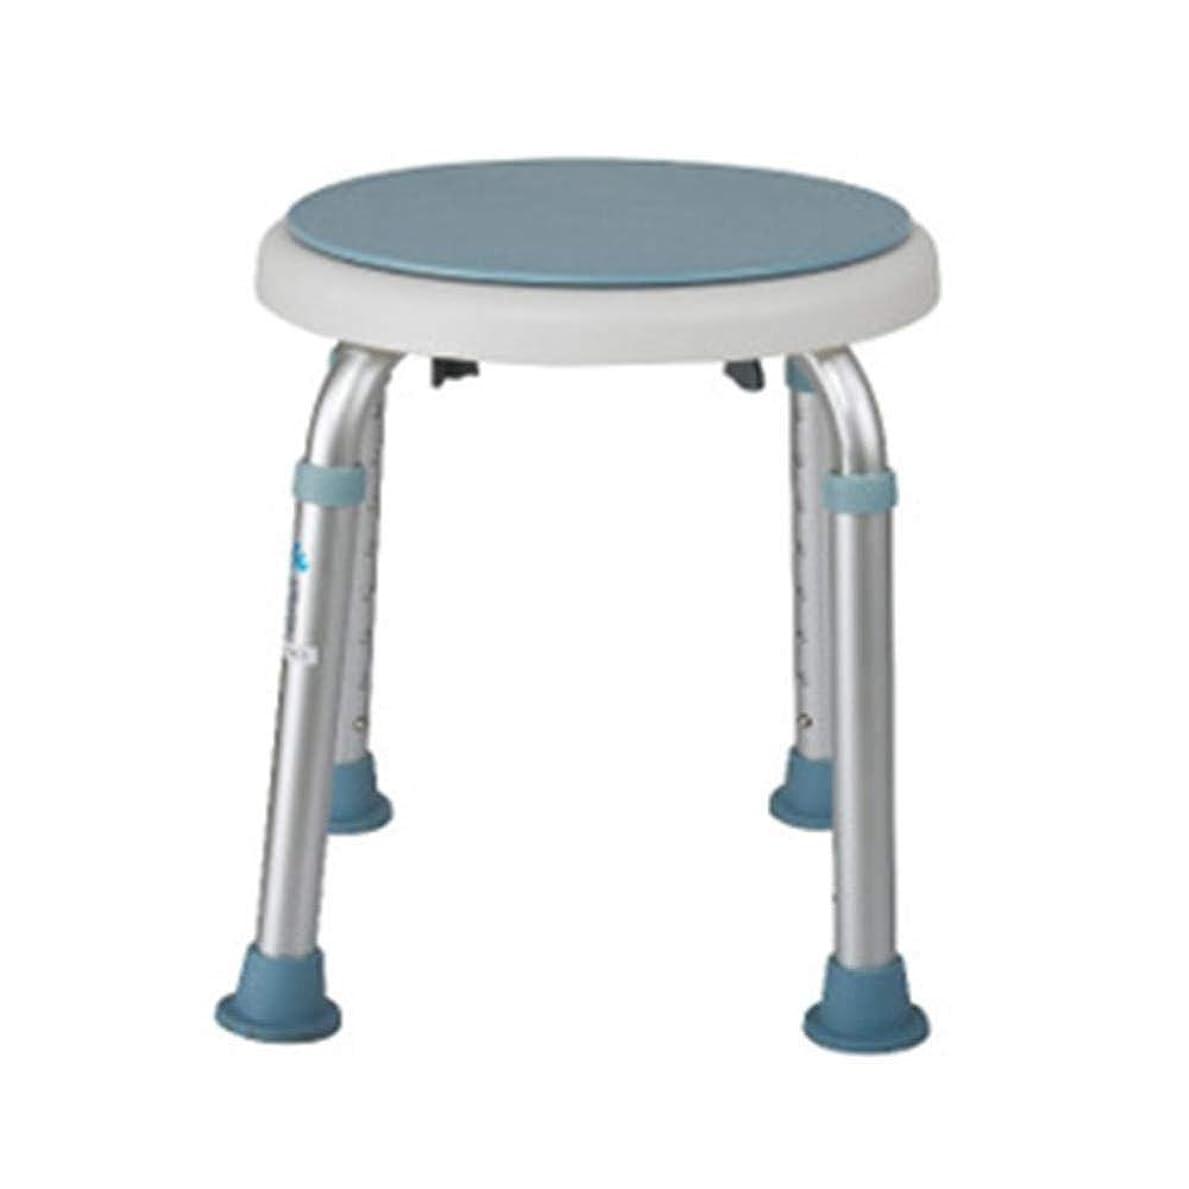 繁栄する賛美歌袋障害者と高齢者に のスツール、360度回転調節可能なバース議長、軽量バスチェア、シャワー (Color : White)